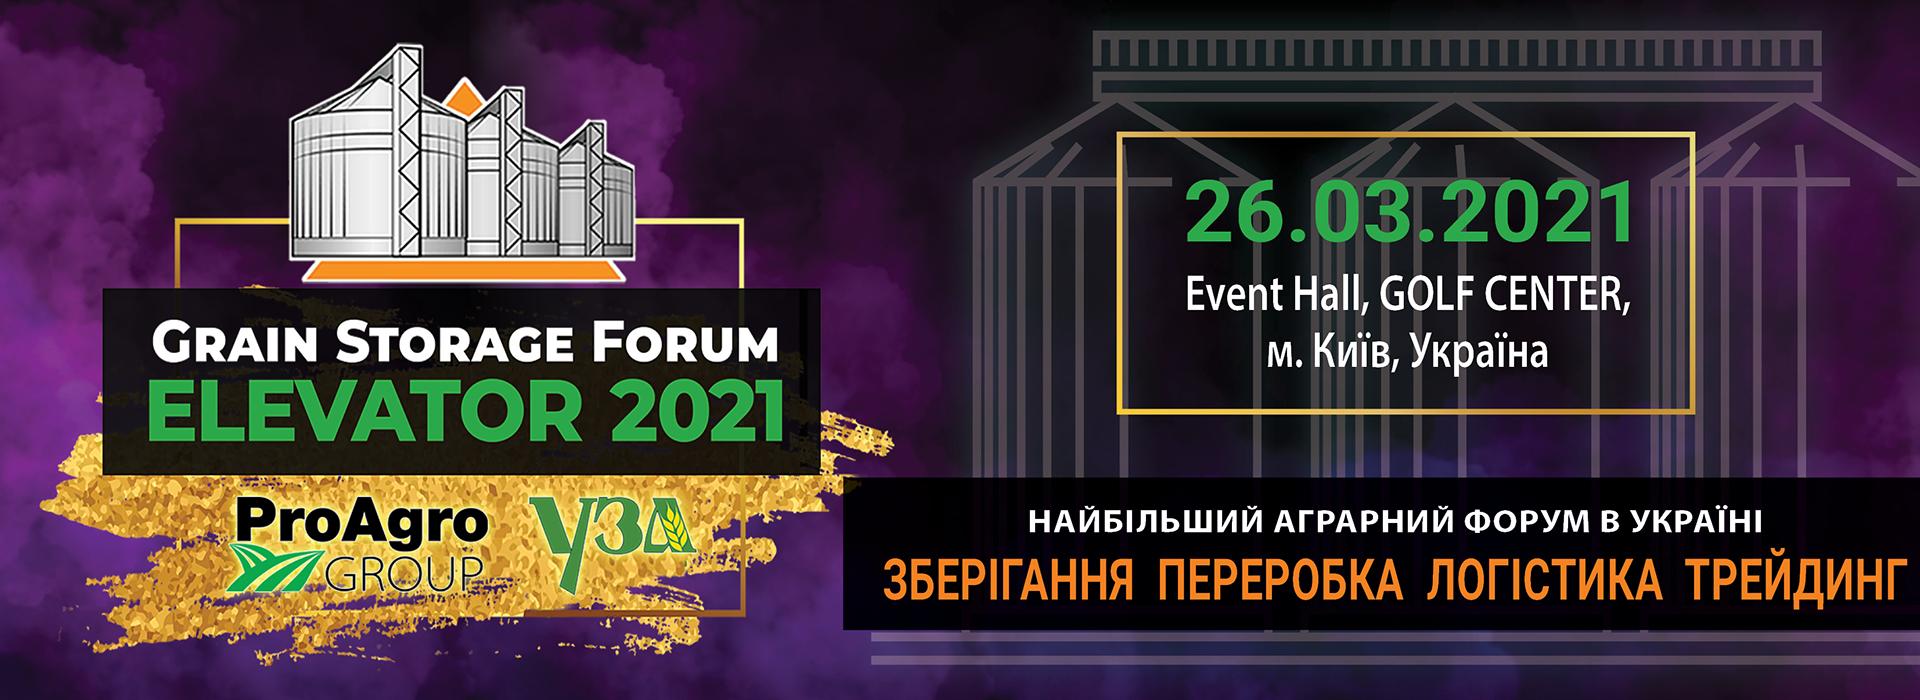 """Grain Storage Forum """"ELEVATOR"""""""